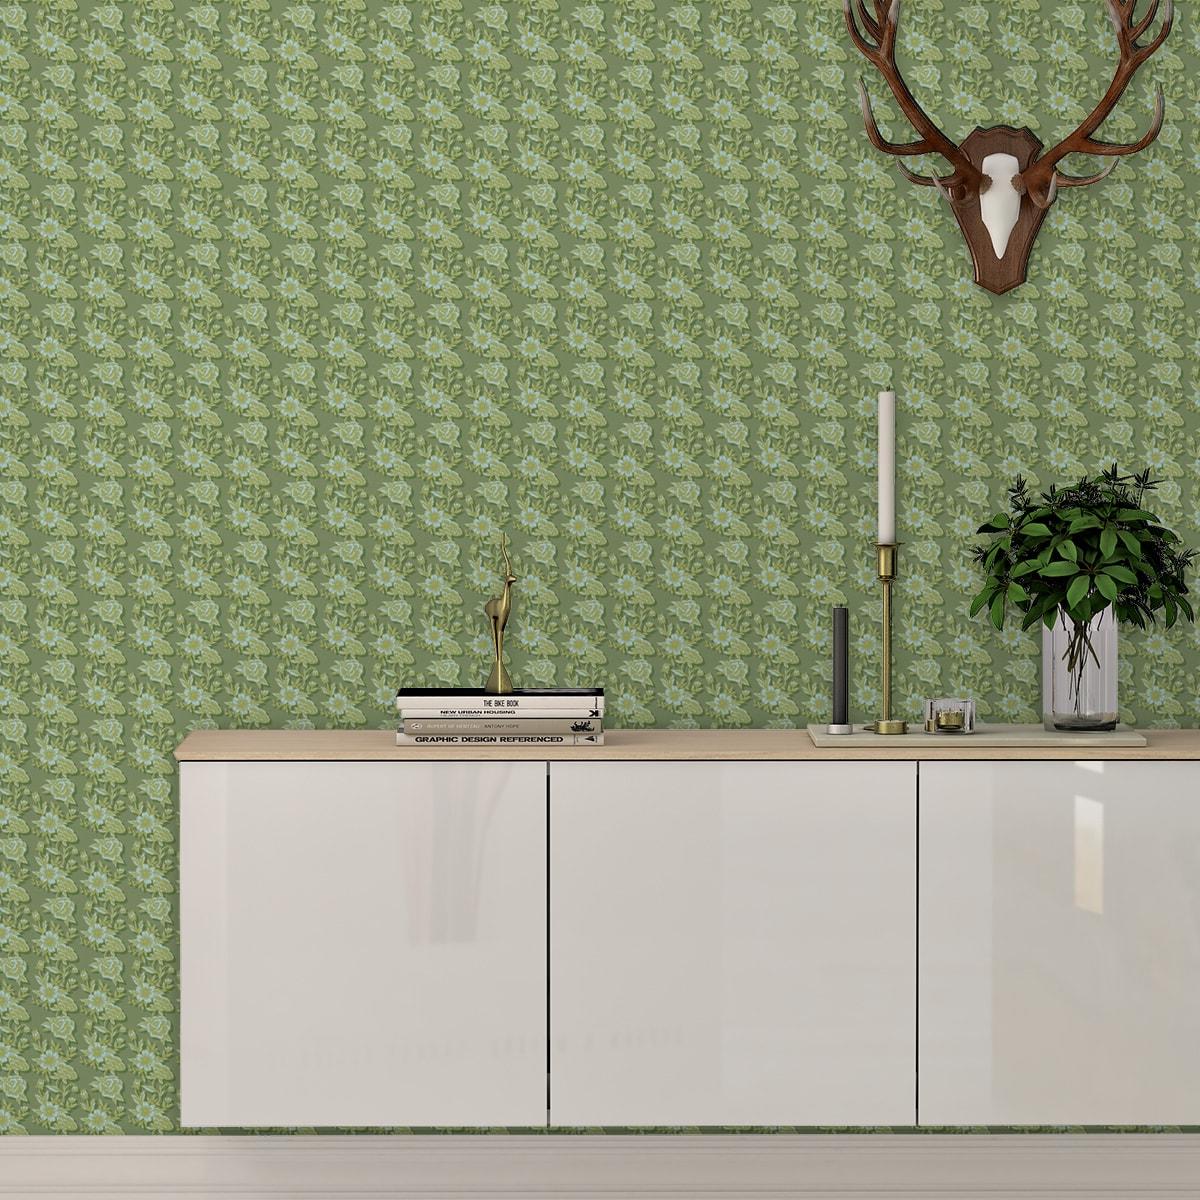 """Küchentapete grün: Grüne Blümchen Tapete """"Les fleurs du chateau"""", grüne Vlies Tapete Blumen, schöne Blumentapete für Küche"""